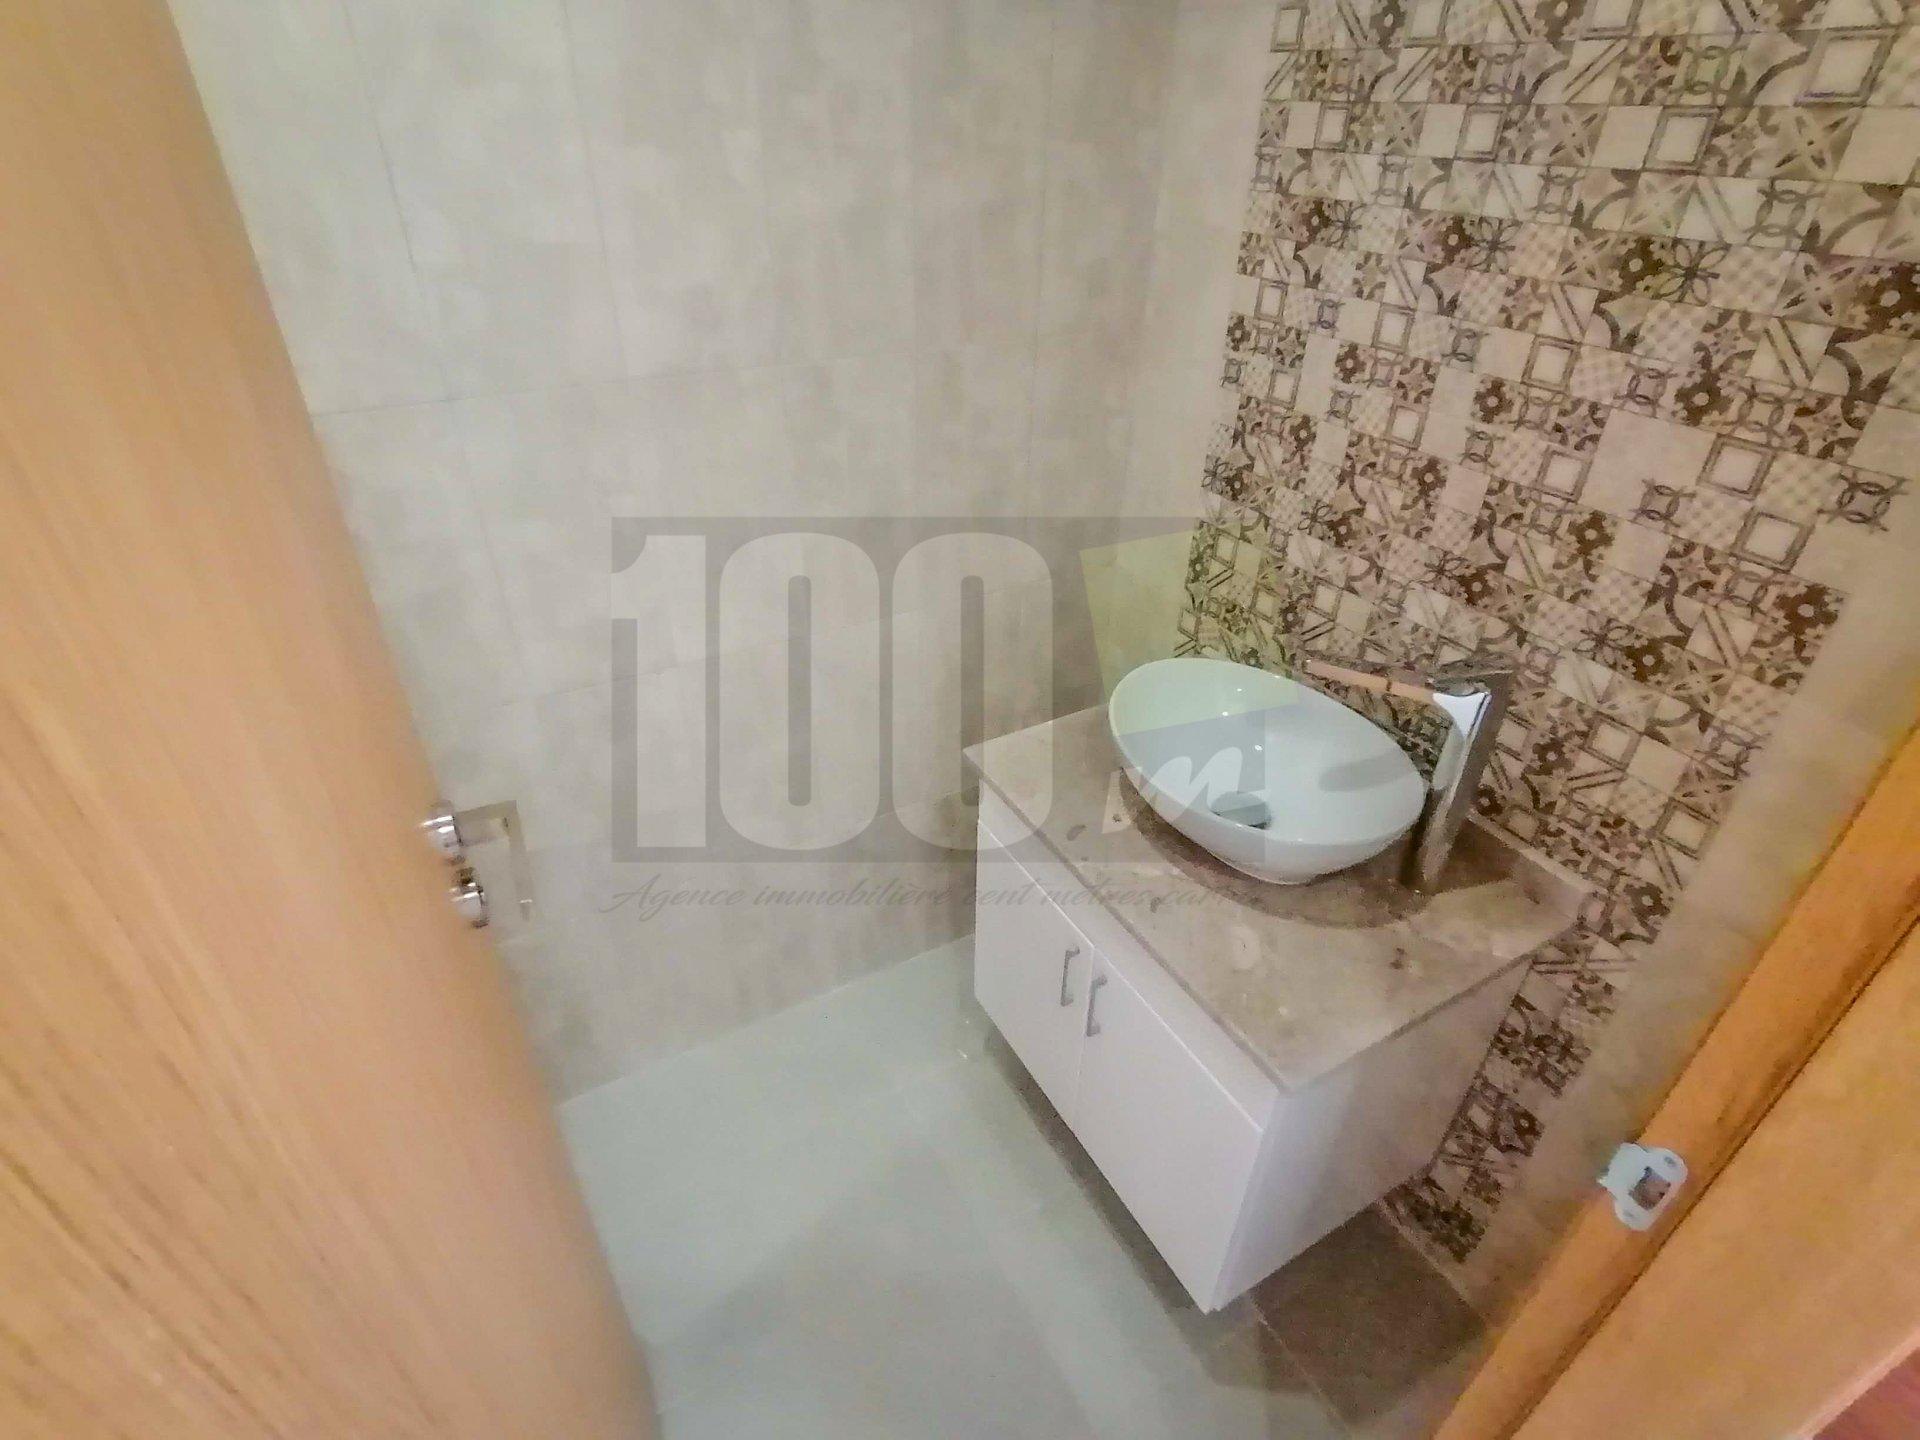 Vente appartement S+2 neuf de 120,5 m² à La Mannouba